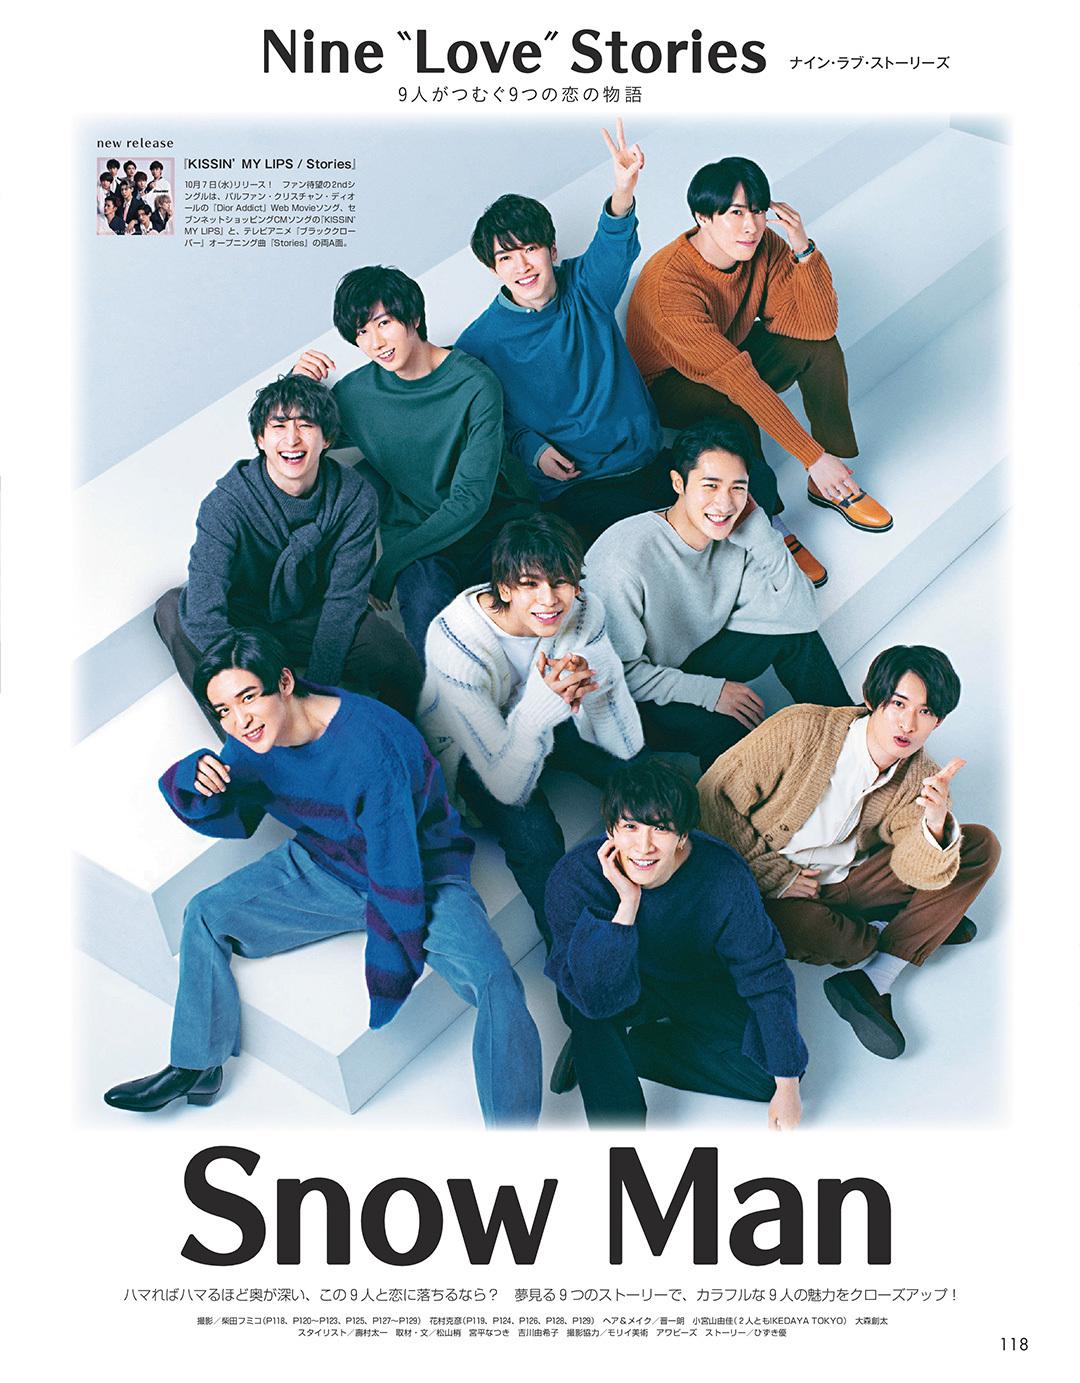 Snow Man「9人がつむぐ9つの恋の物語」